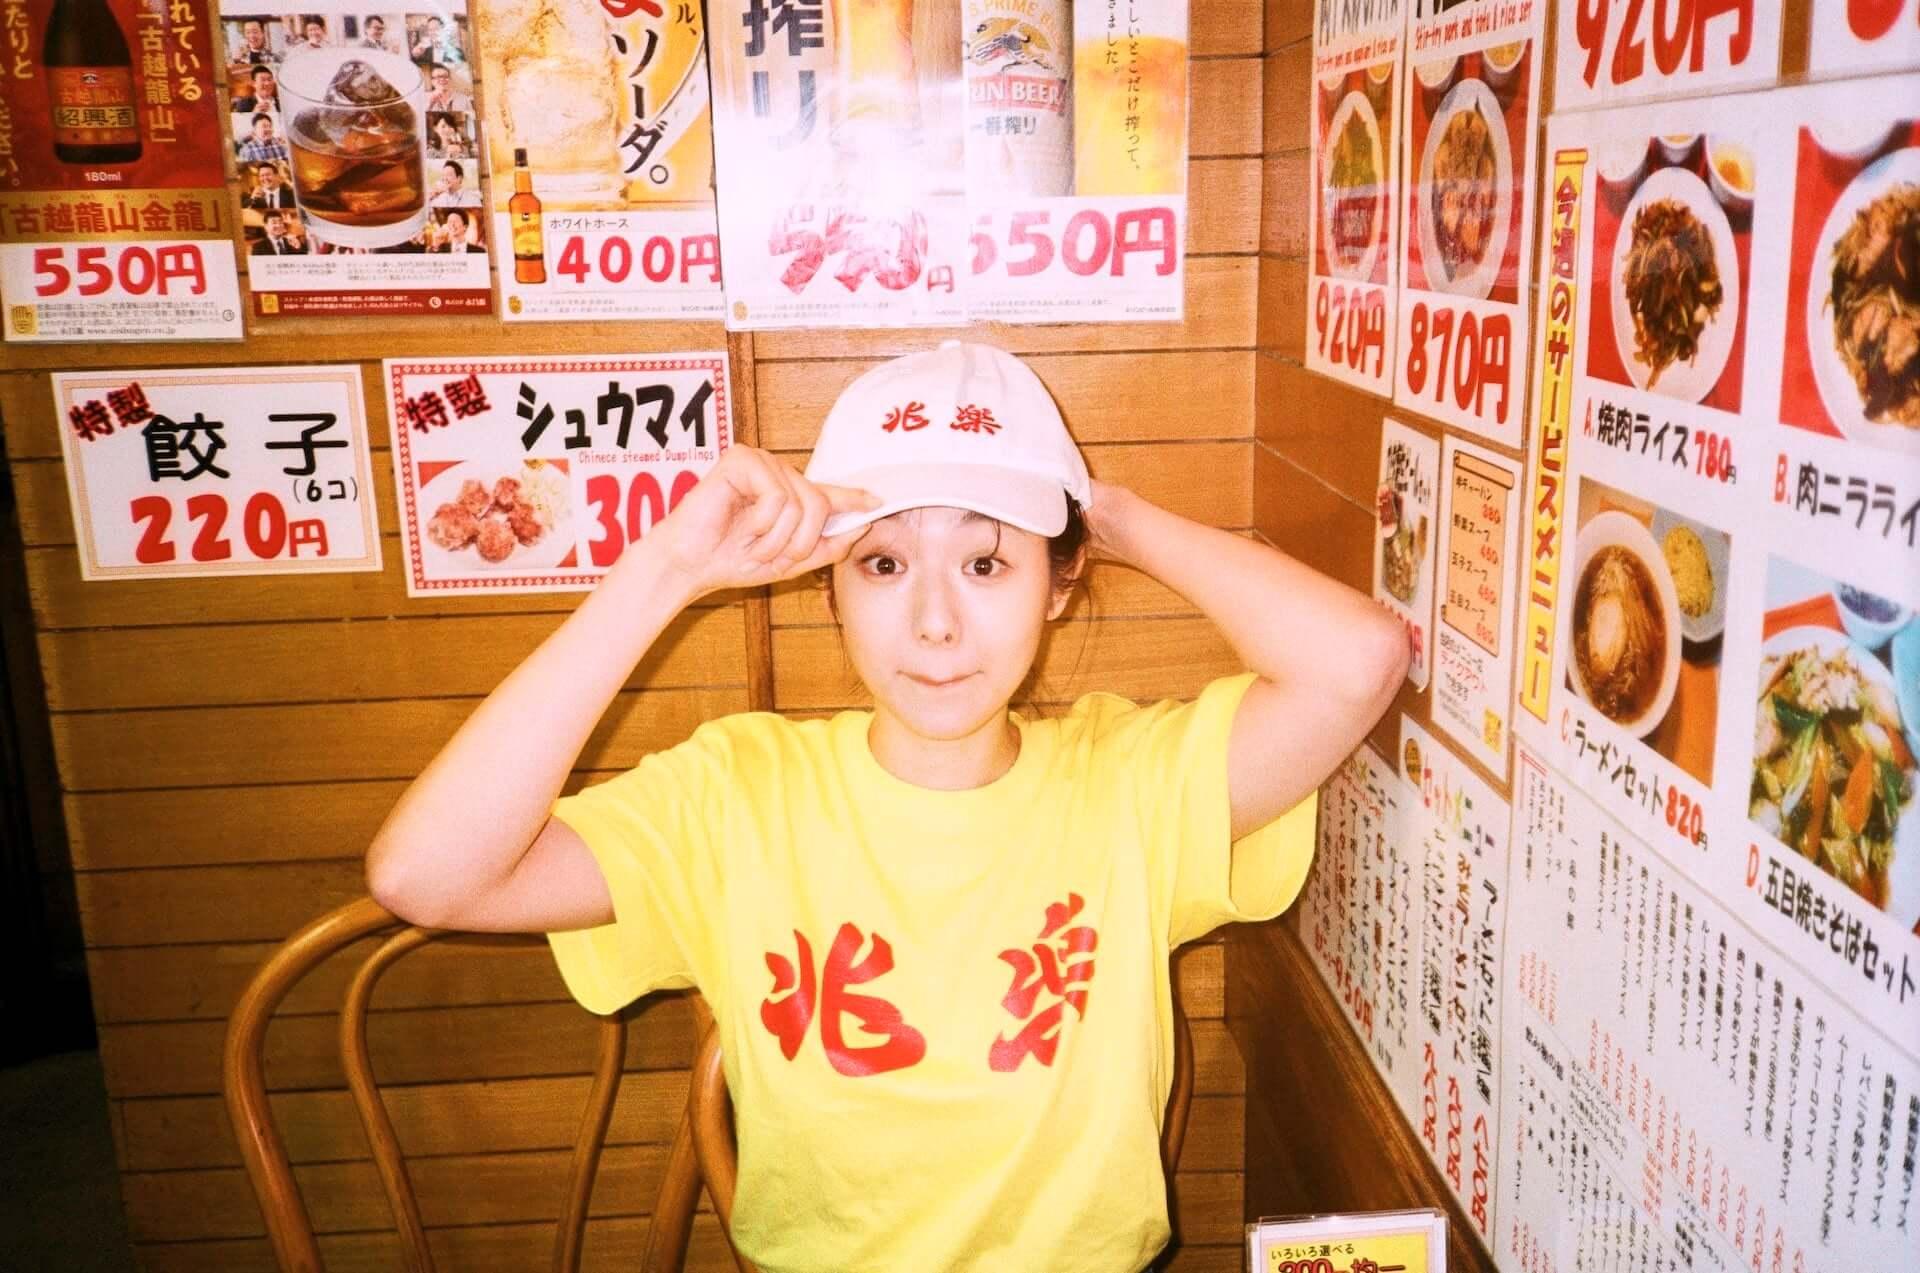 渋谷の街中華・兆楽とJOURNAL STANDARDがコラボ!Tシャツやキャップ、エコバッグが受注販売開始 lf210205_choraku-journalstandard_10-1920x1273